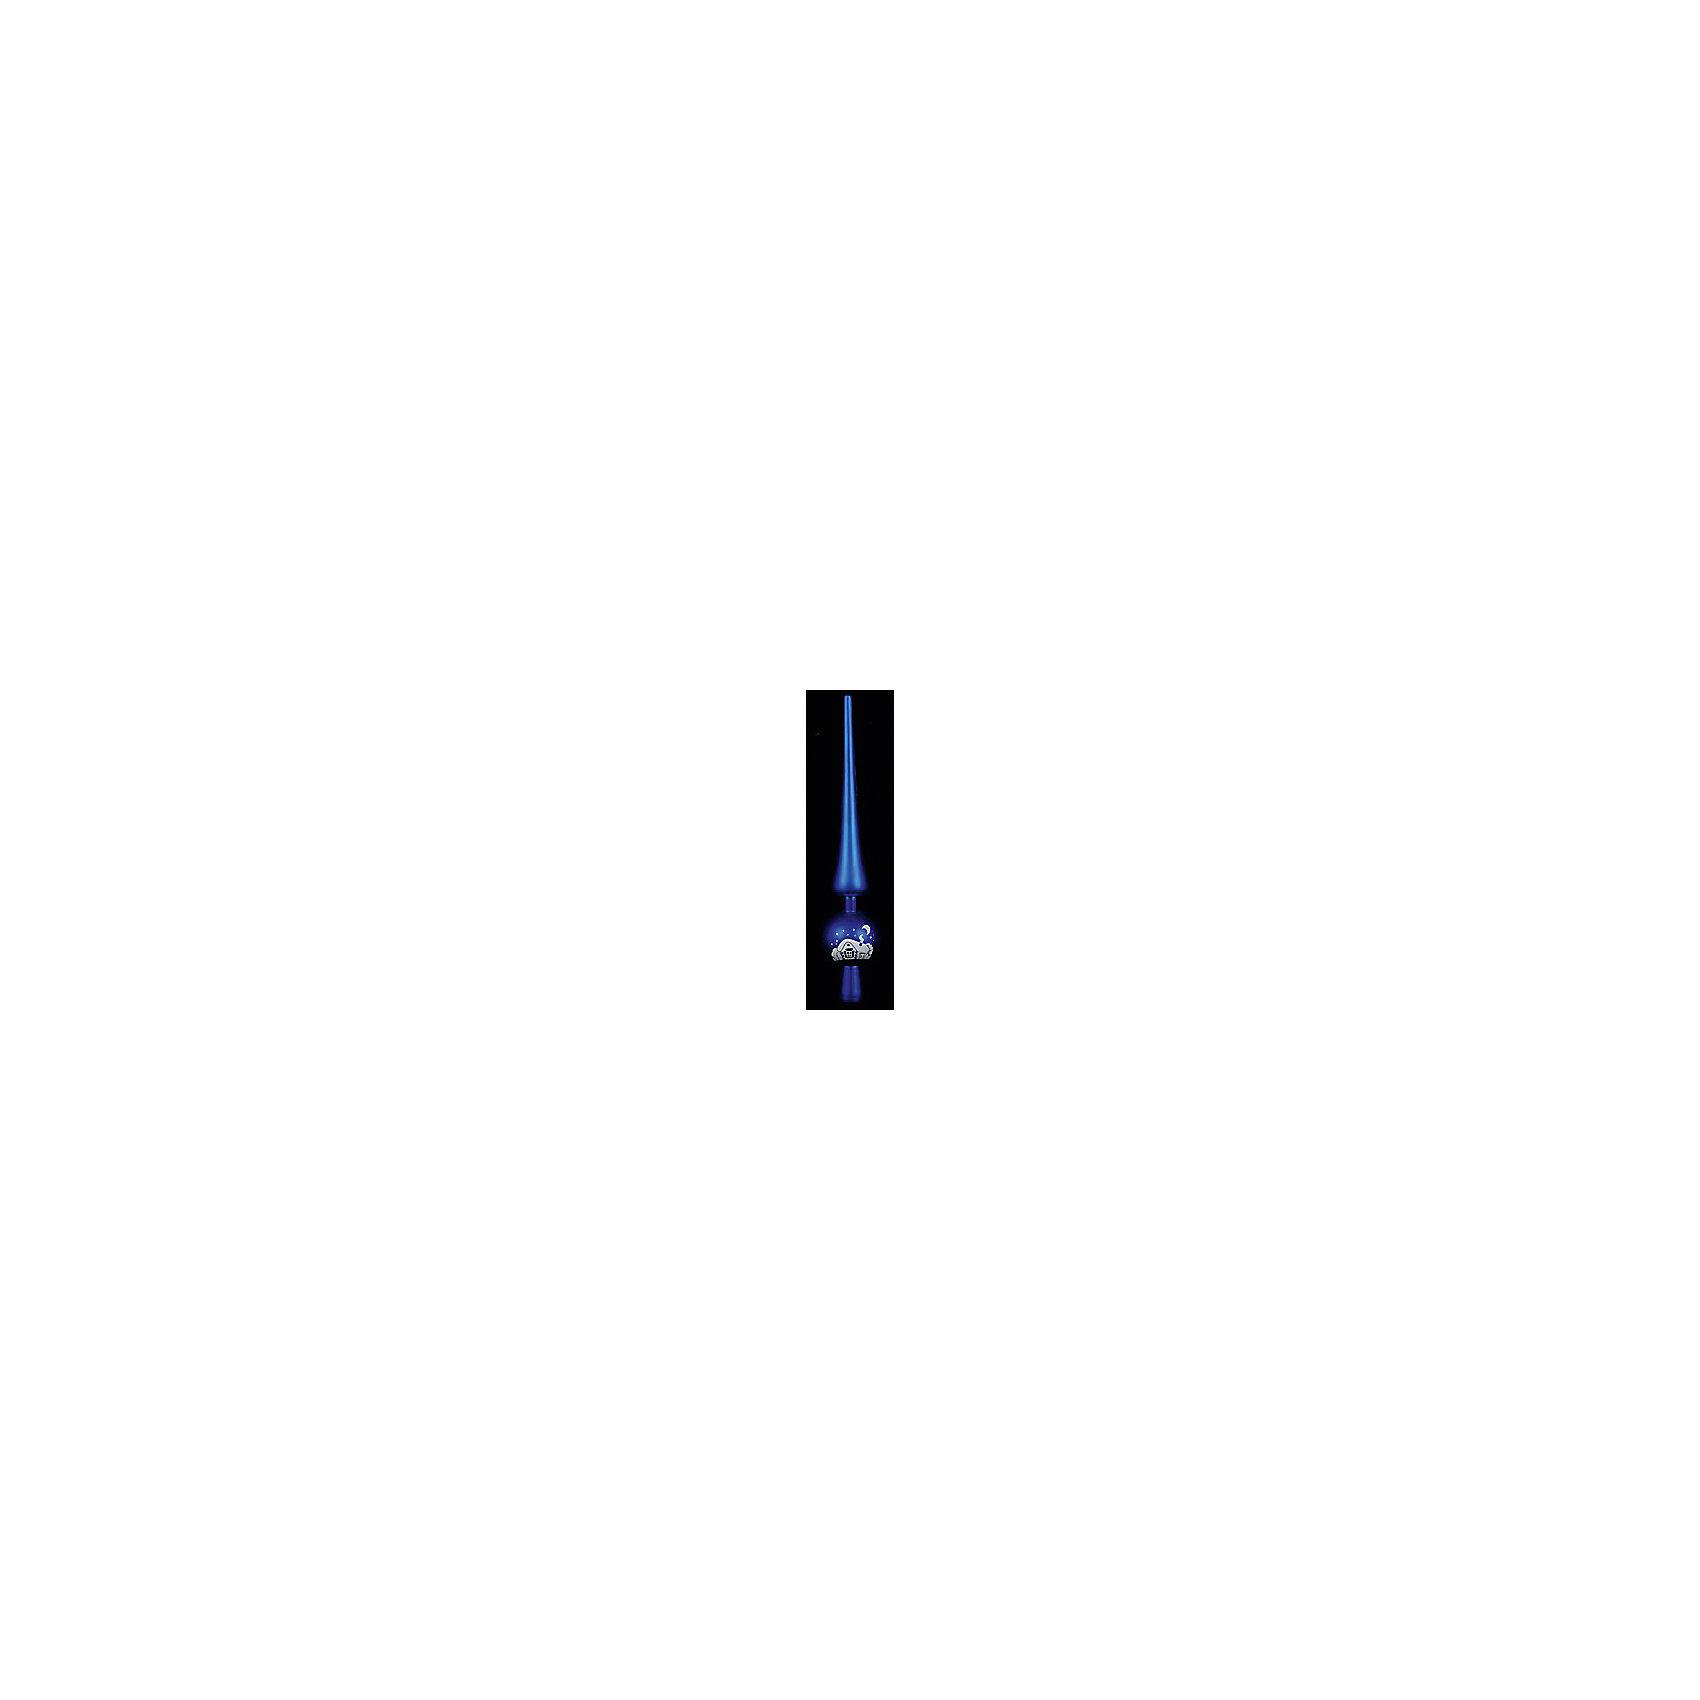 Верхушка Русская зима 29 см, 1шт, синийВсё для праздника<br>Изготовлено из пластмассы. ёл. укр. верхушкаRUSSIAN WINTER 29см, 1шт, синий<br><br>Ширина мм: 290<br>Глубина мм: 60<br>Высота мм: 60<br>Вес г: 100<br>Возраст от месяцев: 36<br>Возраст до месяцев: 2147483647<br>Пол: Унисекс<br>Возраст: Детский<br>SKU: 5101088